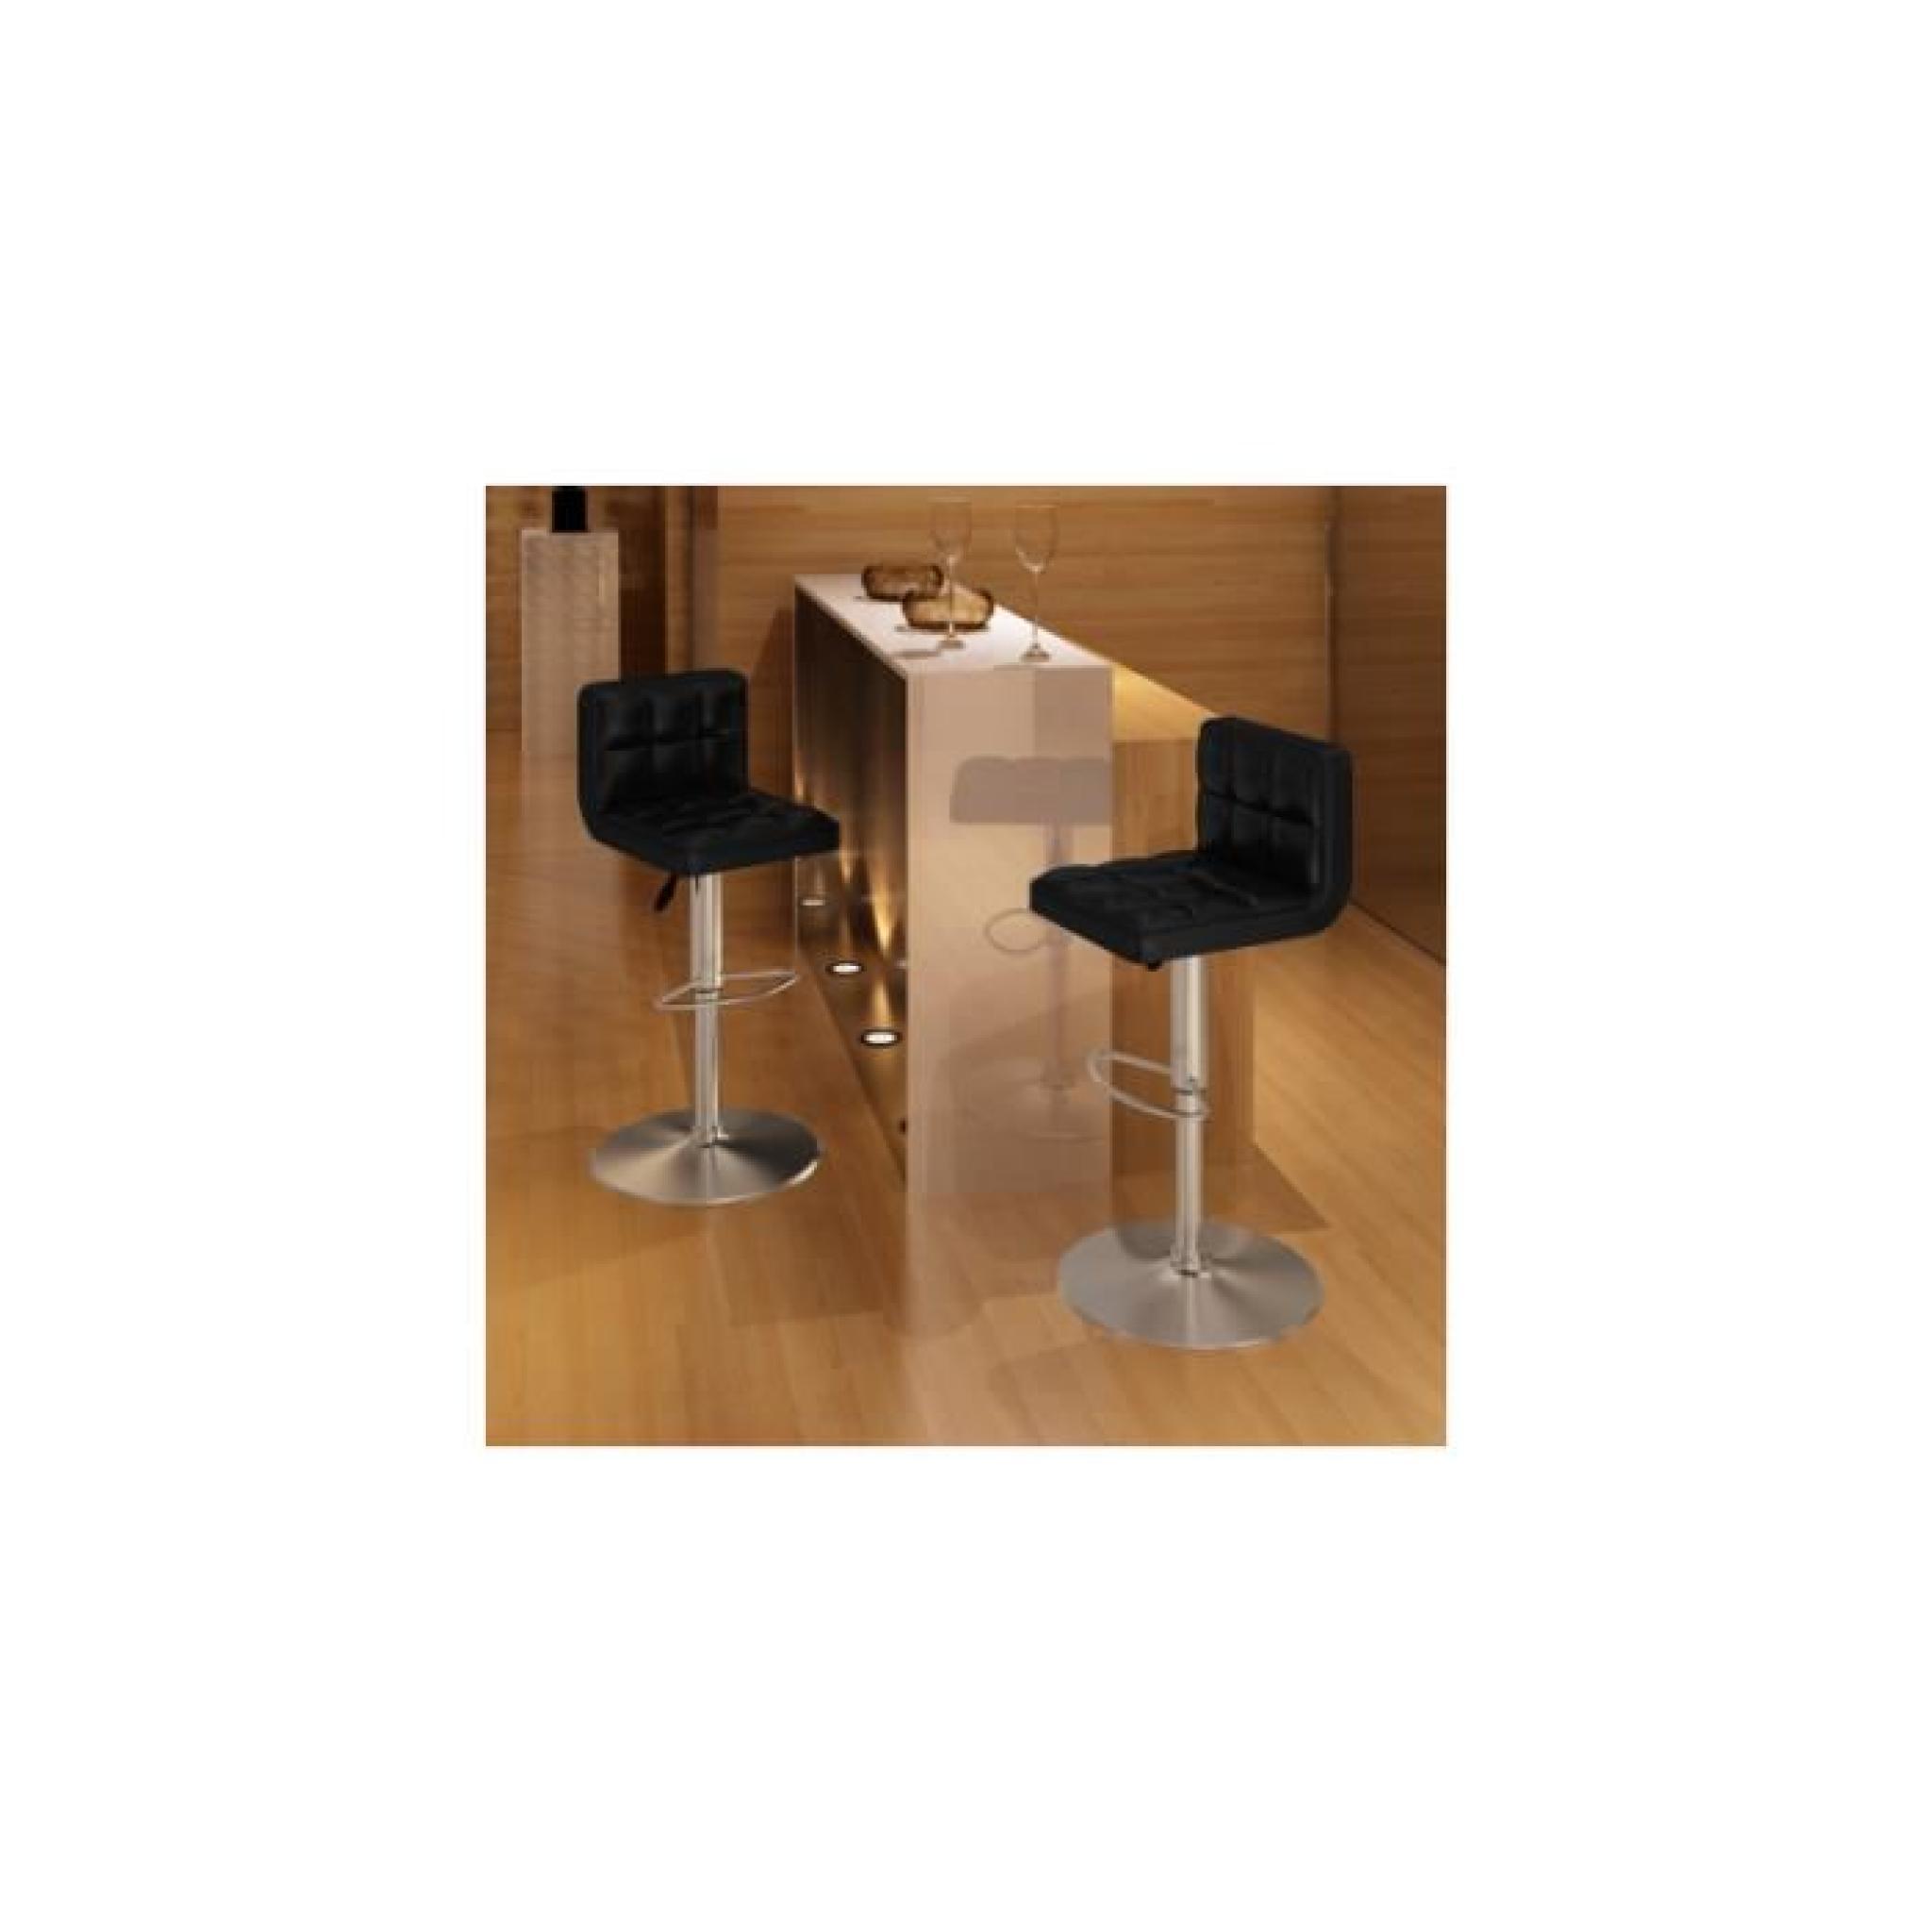 lot de 2 tabourets de bar noirs hauteur r glable achat vente tabouret de bar pas cher. Black Bedroom Furniture Sets. Home Design Ideas